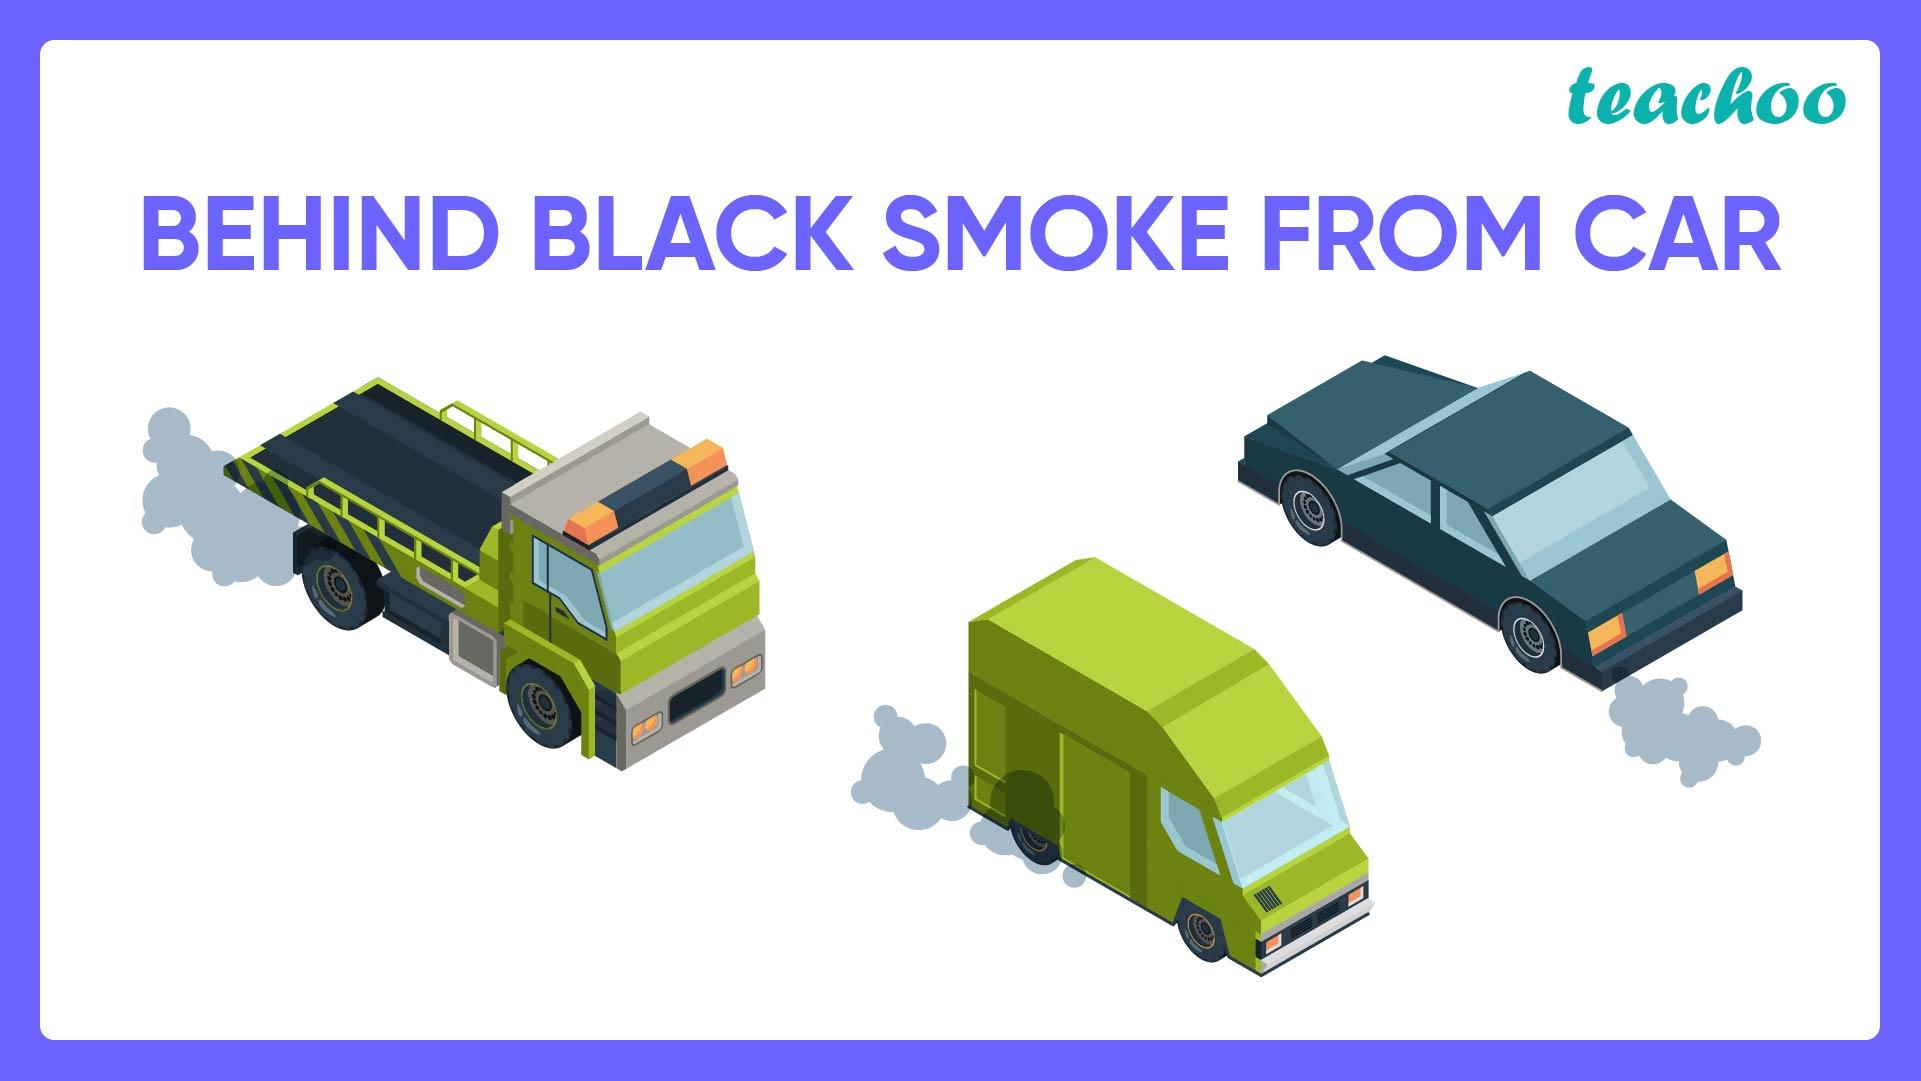 Behind black smoke from car-Teachoo.jpg